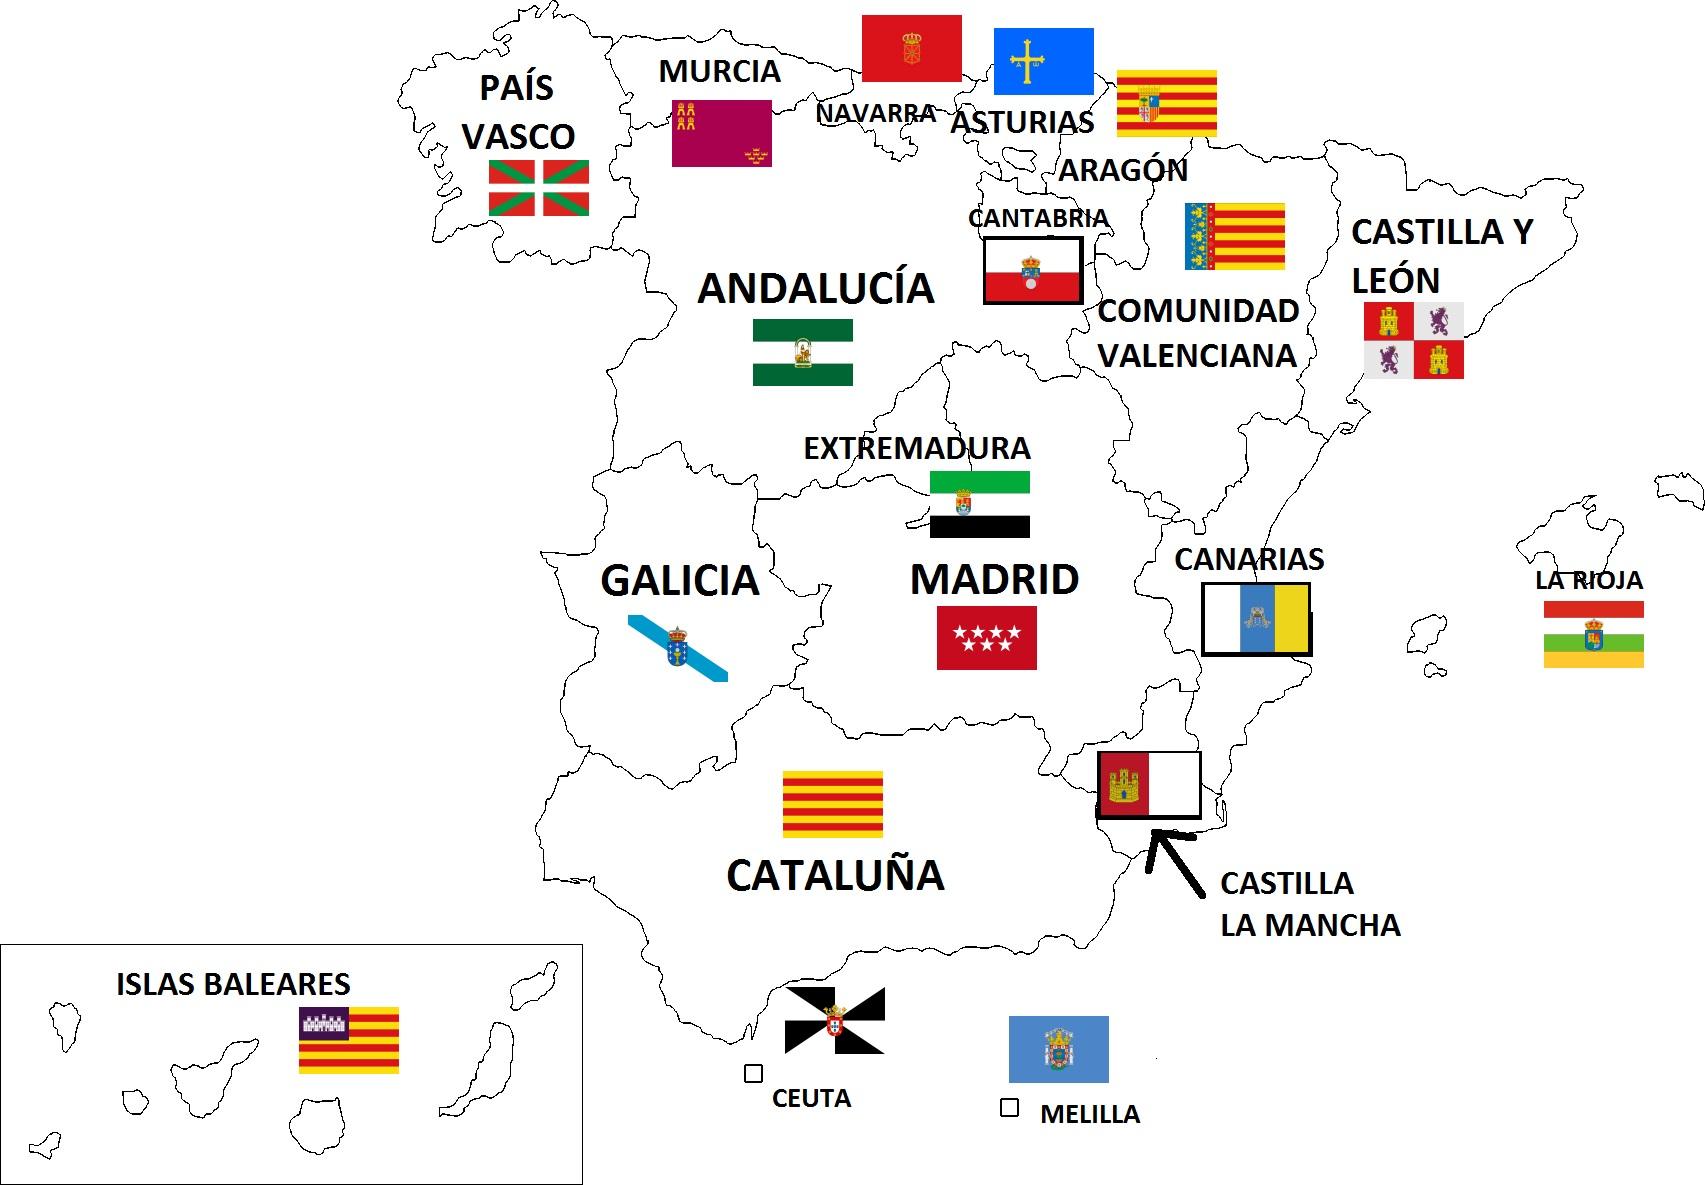 Mapa De España Actualizado.Los Mapas De Espana Y Argentina Reordenados Por Poblacion